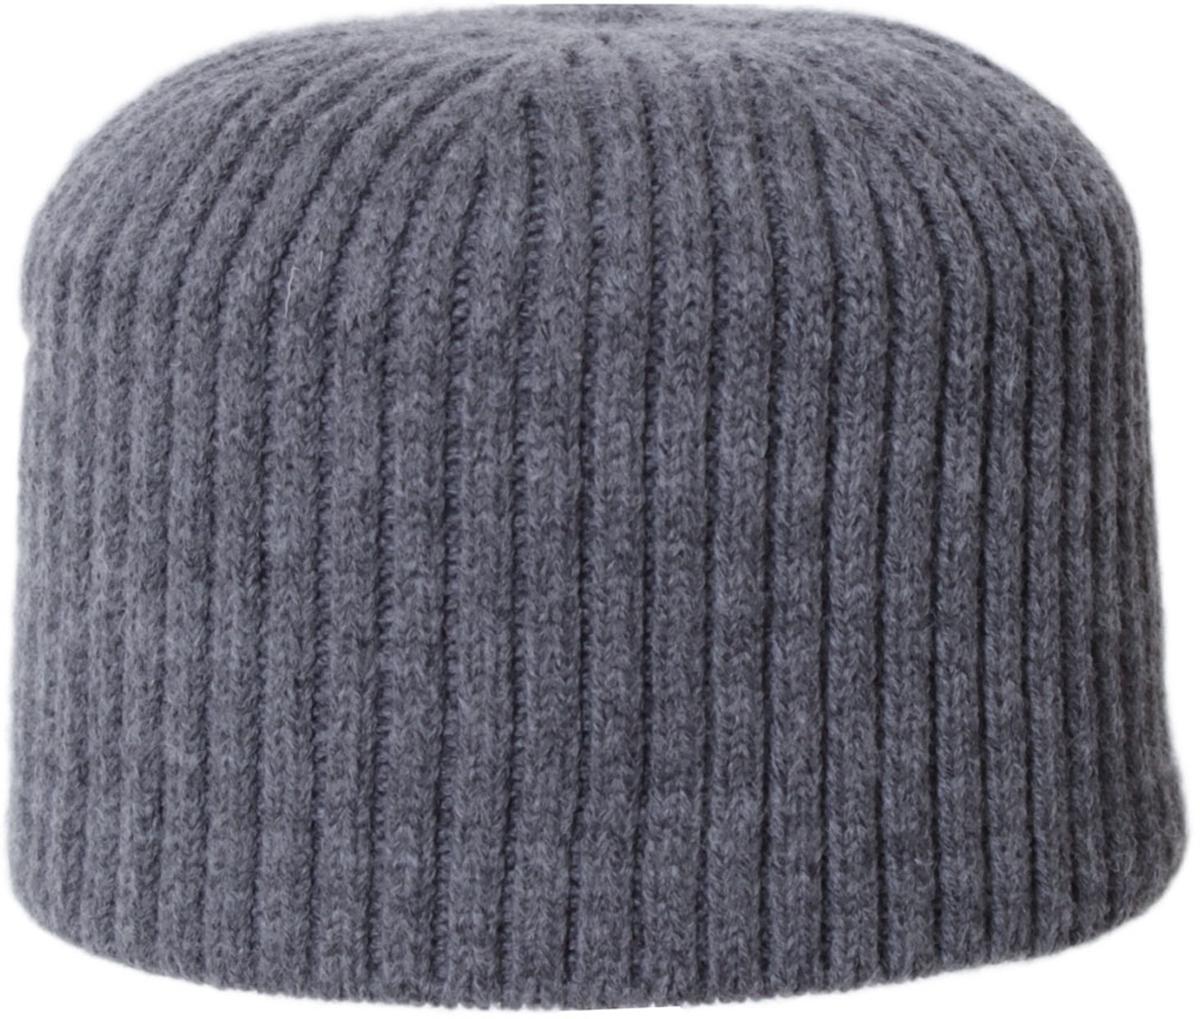 Шапка5-048Вязаная мужская шапка Leighton отлично подойдет для повседневной носки и активного отдыха в холодное время года. Быстро выводит влагу от тела, оставляя изделие сухим. Шапка подарит ощущение тепла и комфорта в прохладный день. Сочетание шерсти и акрила максимально сохраняет тепло и обеспечивает удобную посадку, невероятную легкость и мягкость. Стильная шапка Leighton подчеркнет ваш неповторимый стиль и индивидуальность. Такая модель составит идеальный комплект с модной верхней одеждой, в ней вам будет уютно и тепло.